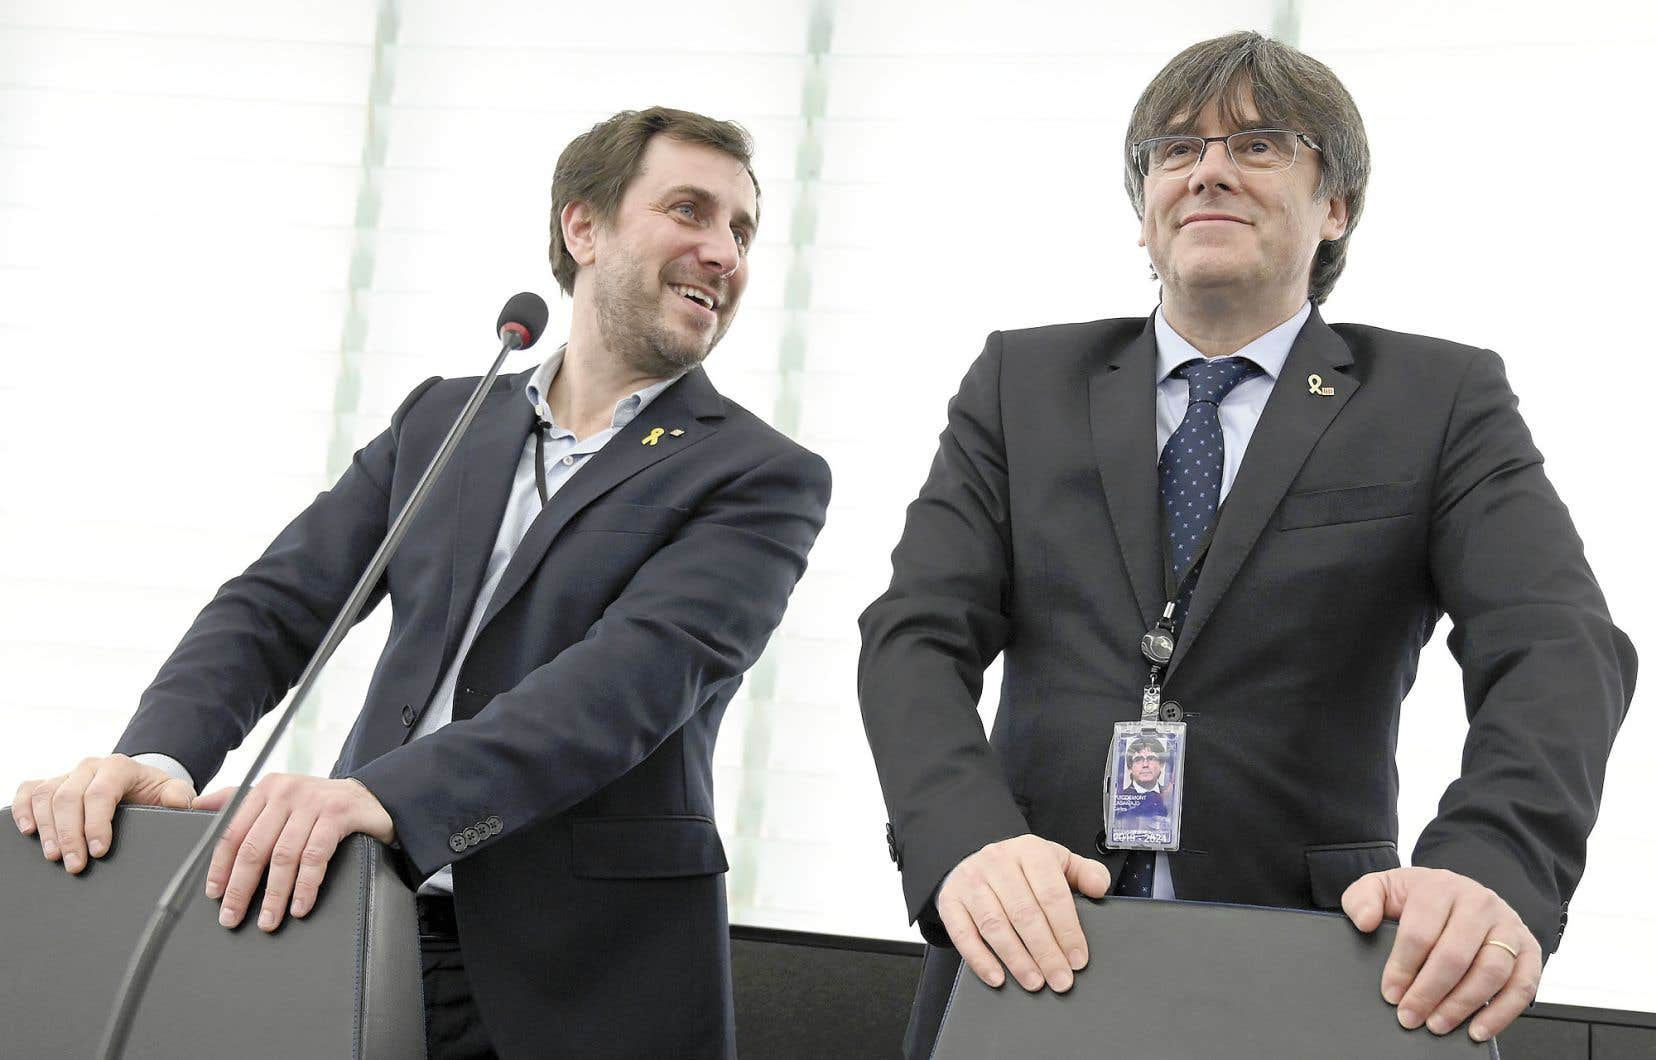 Les députés européens Toni Comin et Carles Puigdemont ont participé à leur première assemblée du Parlement européen, lundi, à l'hémicycle de Strasbourg.